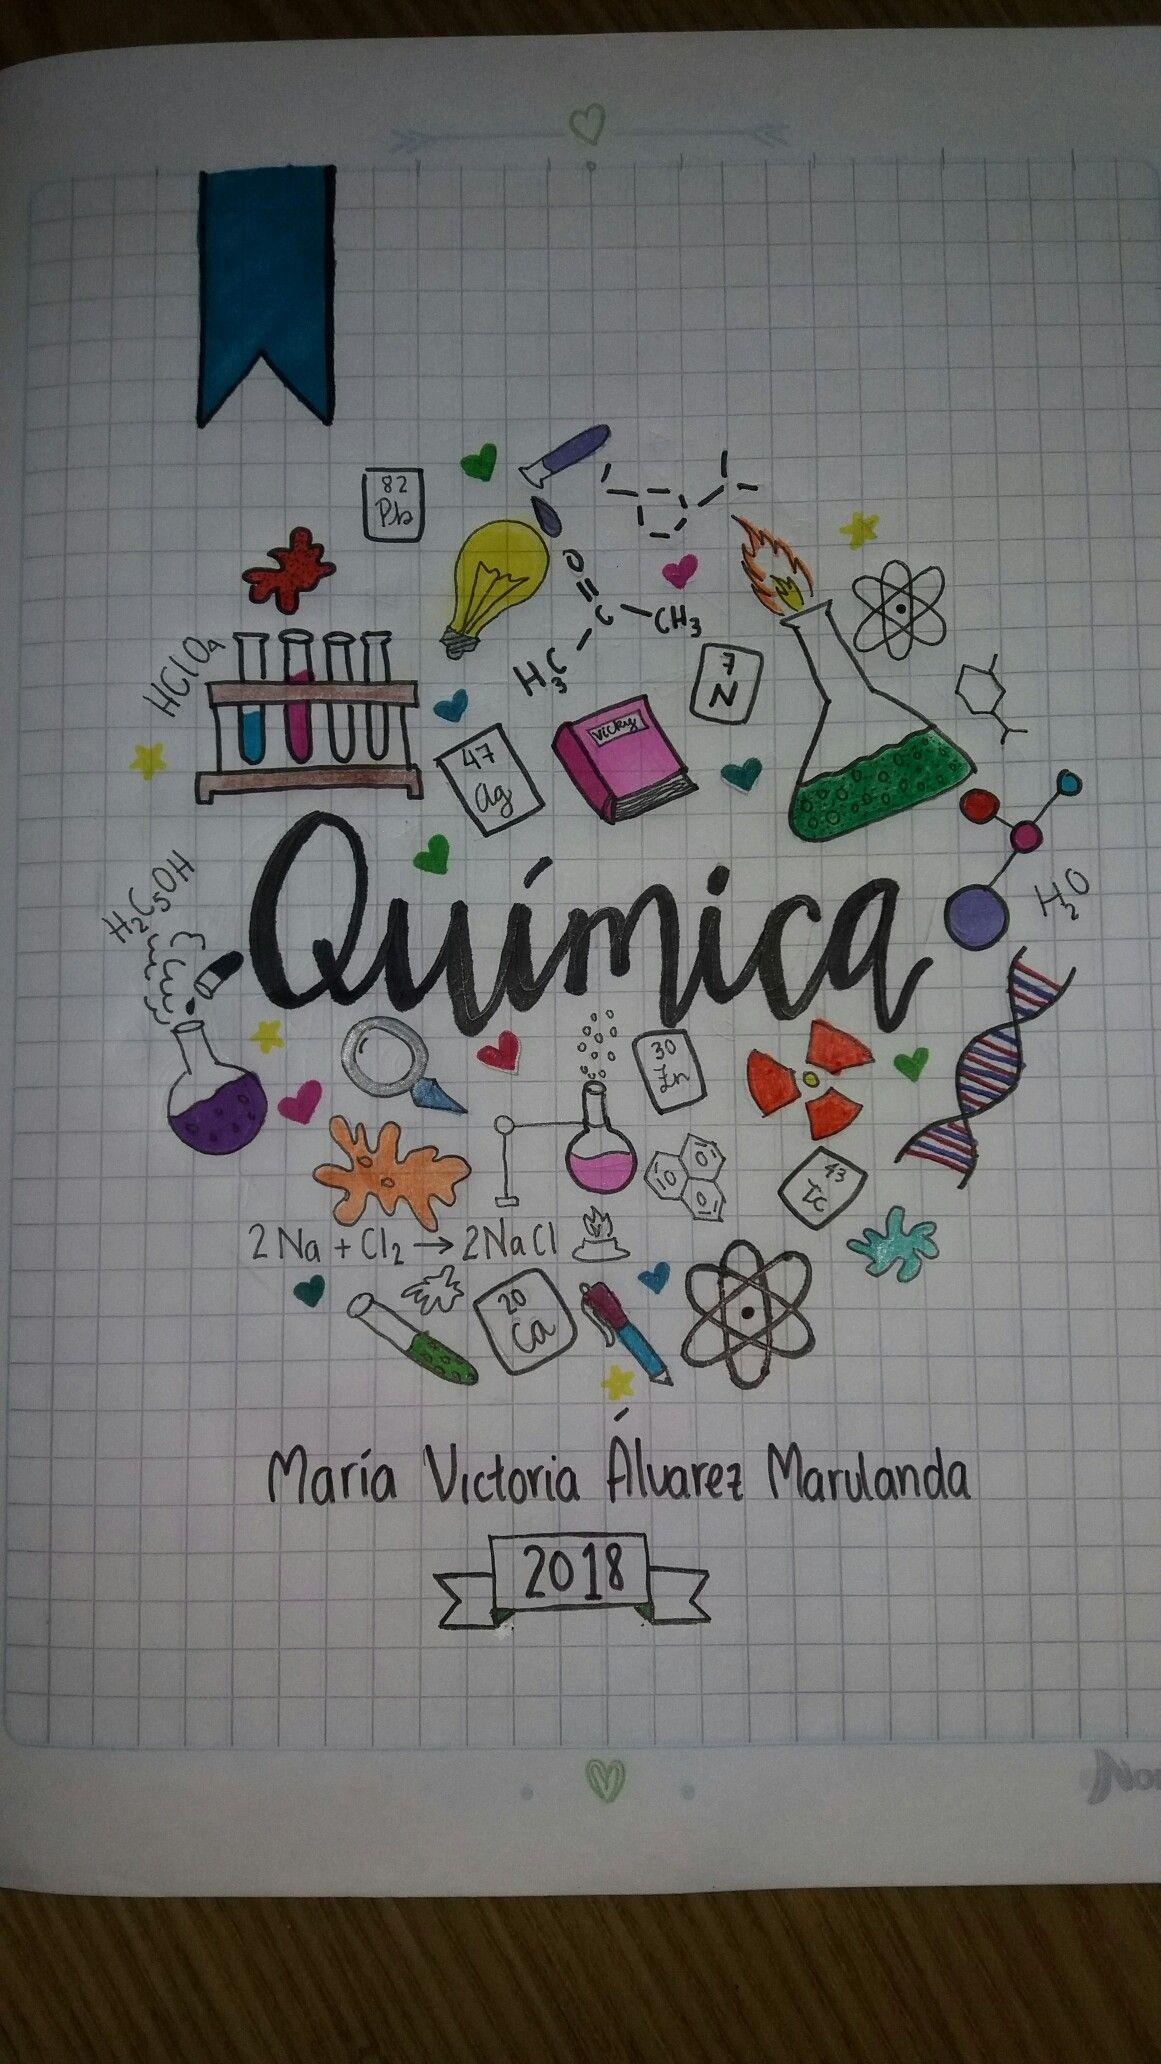 Imagen Relacionada Portadas De Cuadernos Caratulas Para Cuadernos Decoracion De Cuadernos